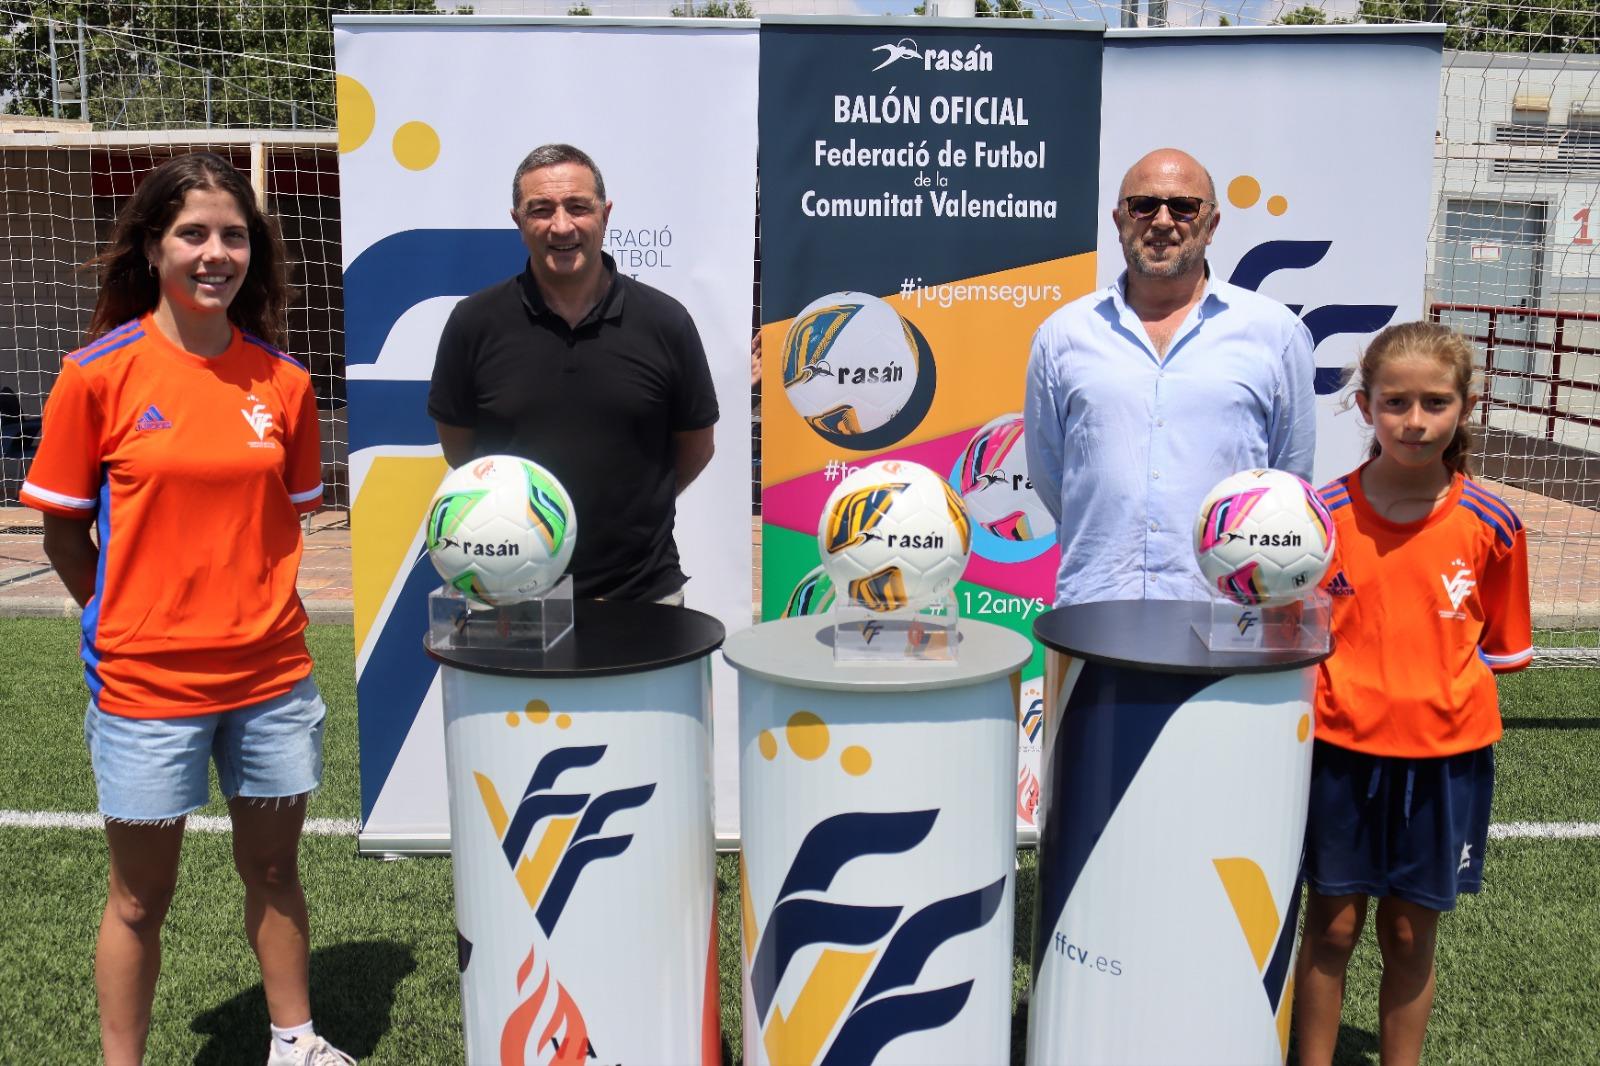 30 jun Presentación balones Rasán para el fútbol FFCV 2021/2022